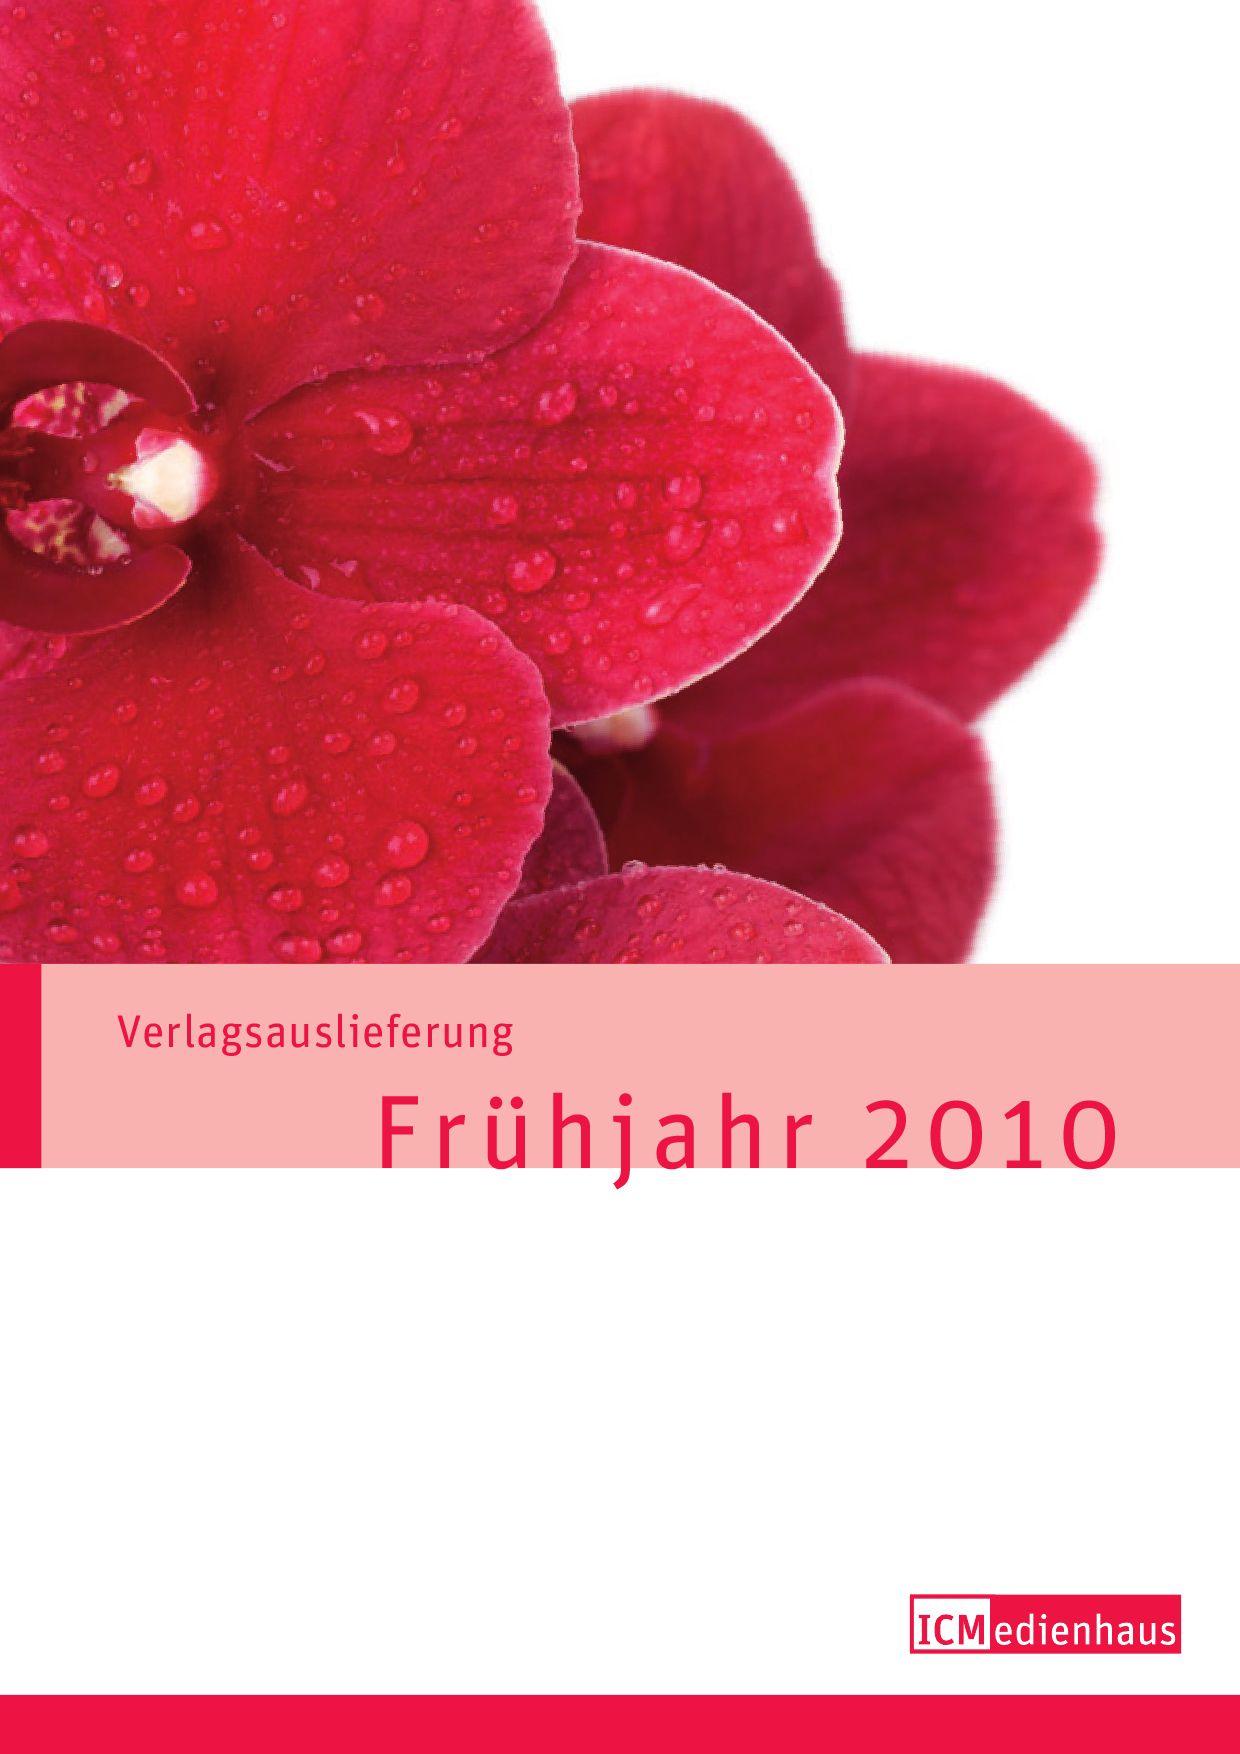 Vorschau Verlagsauslieferung ICMedienhaus by SCM Verlagsgruppe - issuu